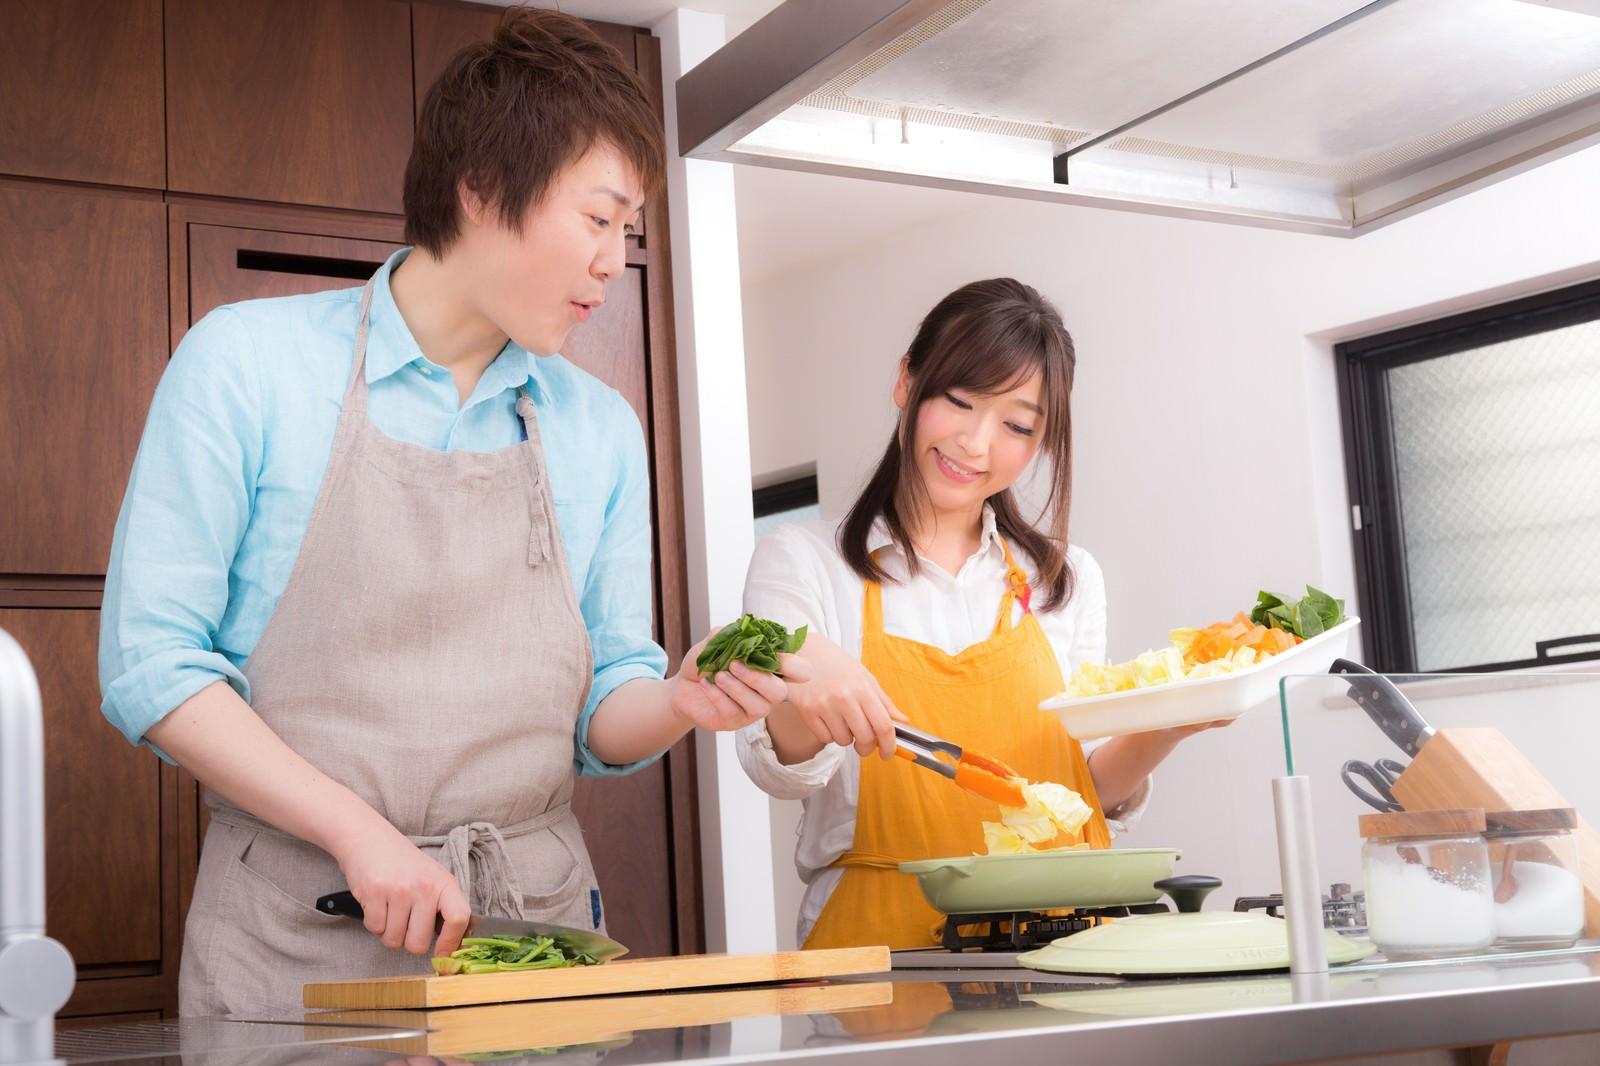 「野菜たっぷりの美味しそうな鍋に感動する夫」の写真[モデル:五十嵐夫妻]